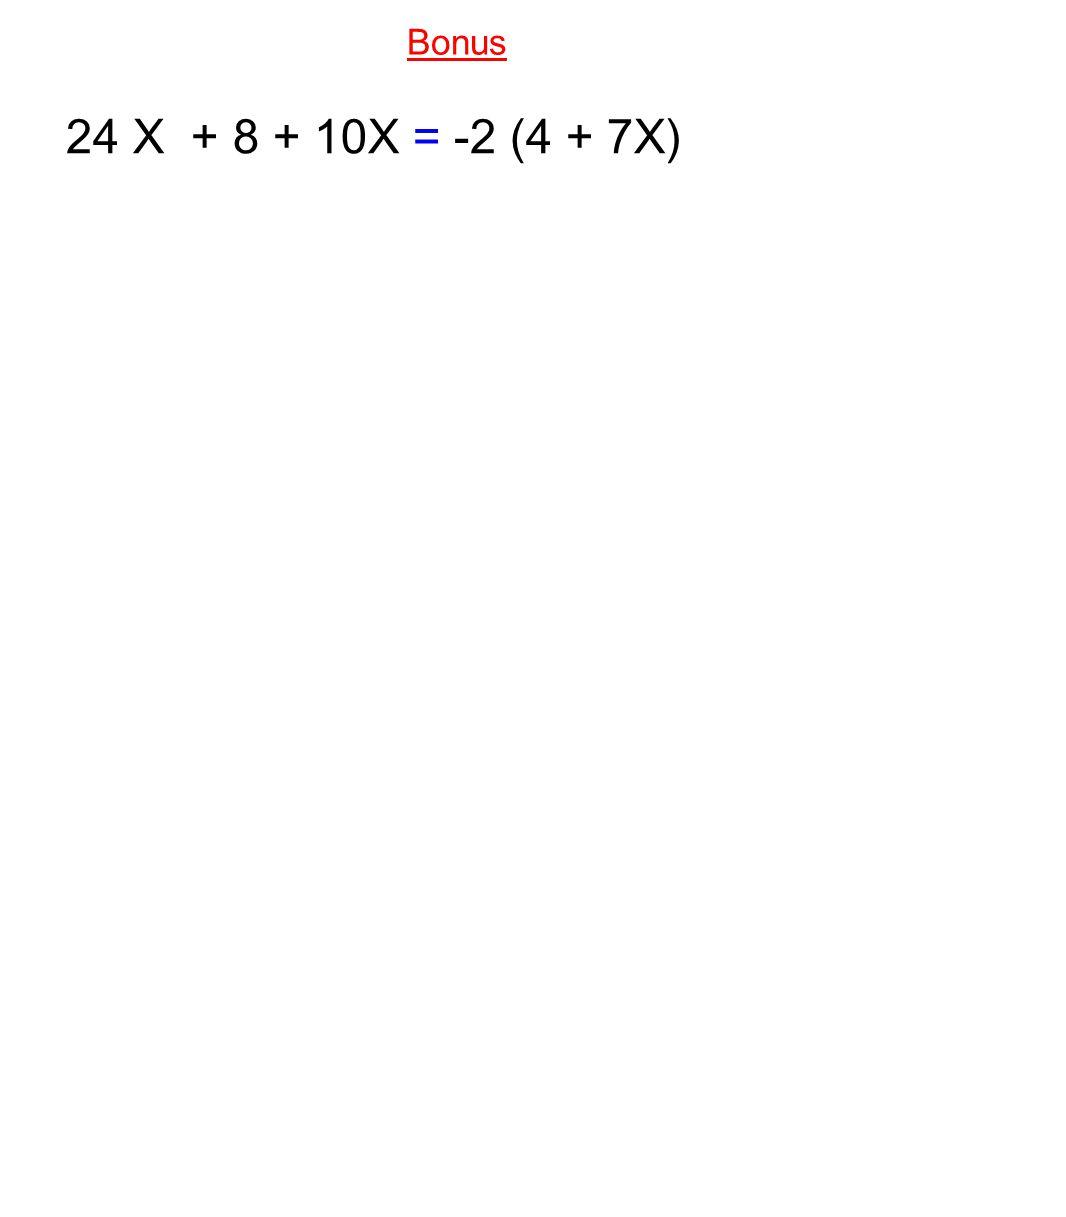 Bonus 24 X + 8 + 10X = -2 (4 + 7X)